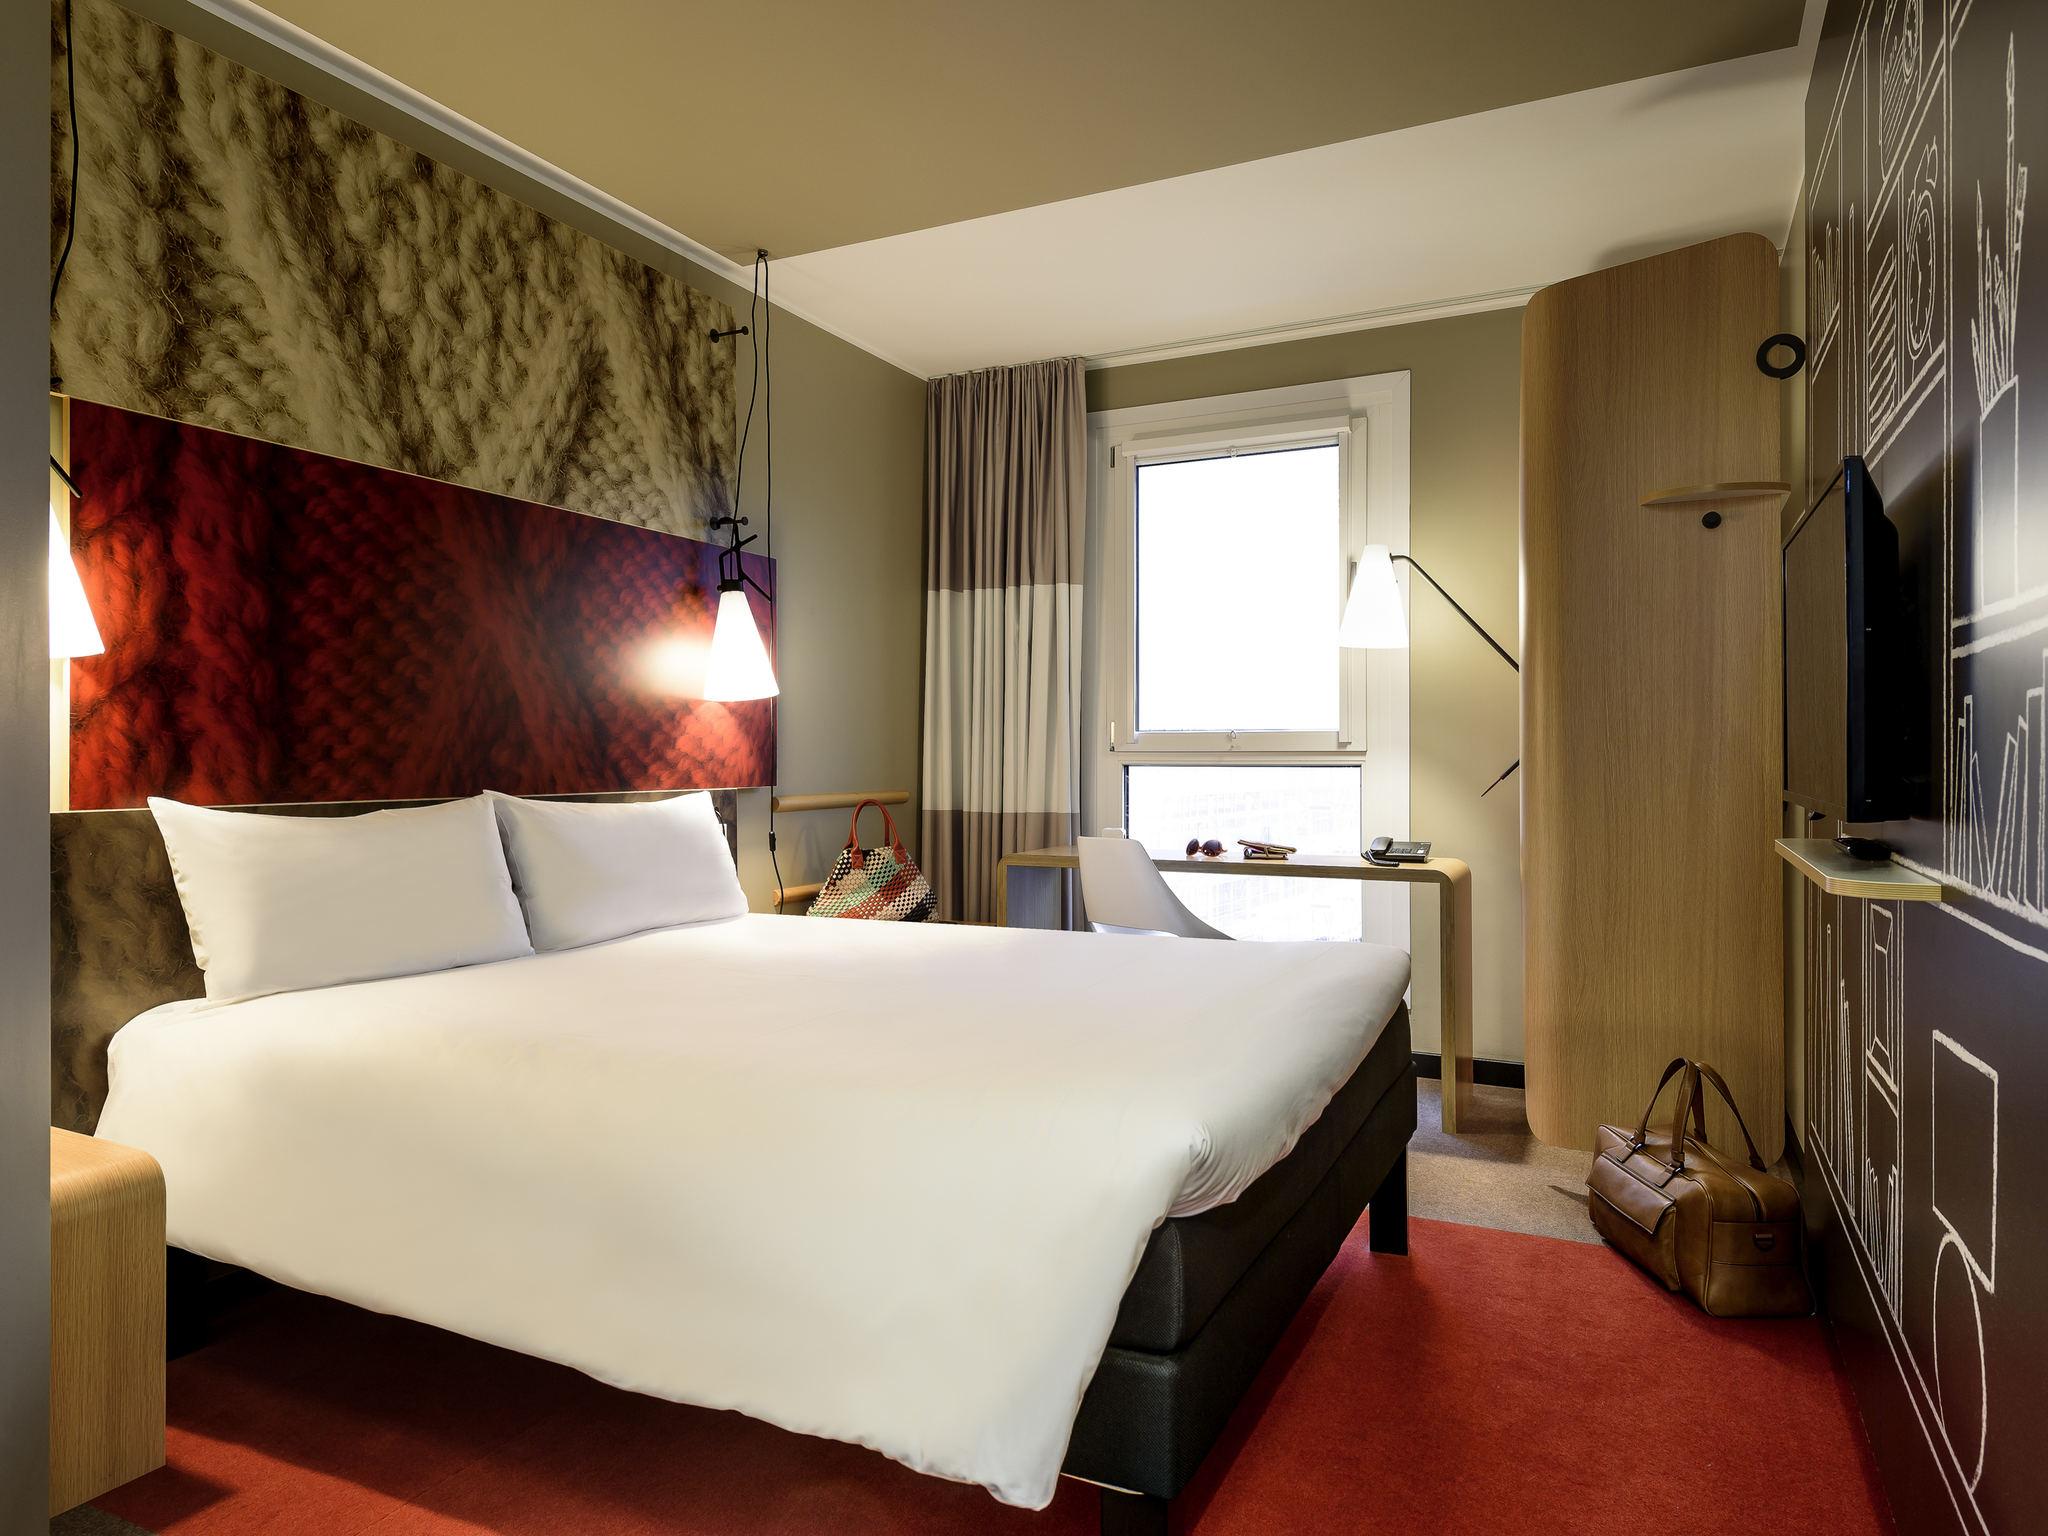 酒店 – 宜必思莱比锡城市酒店